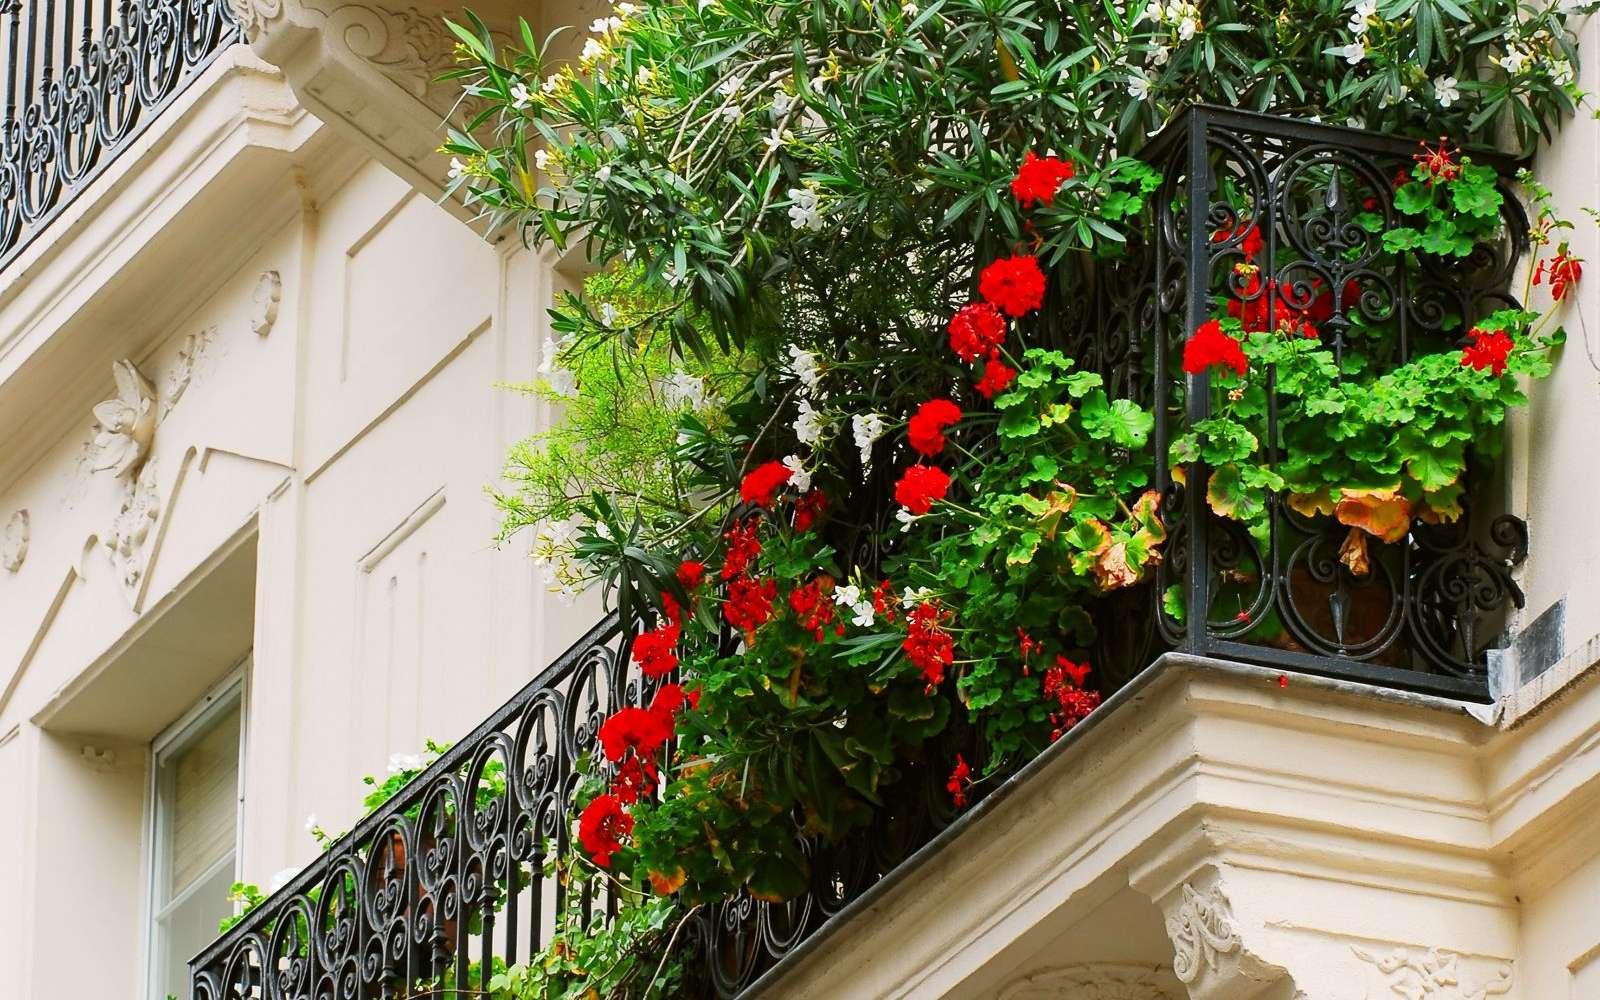 Nos bâtiments haussmaniens aptes à supporter le virage écologique ? © Elena Elisseeva